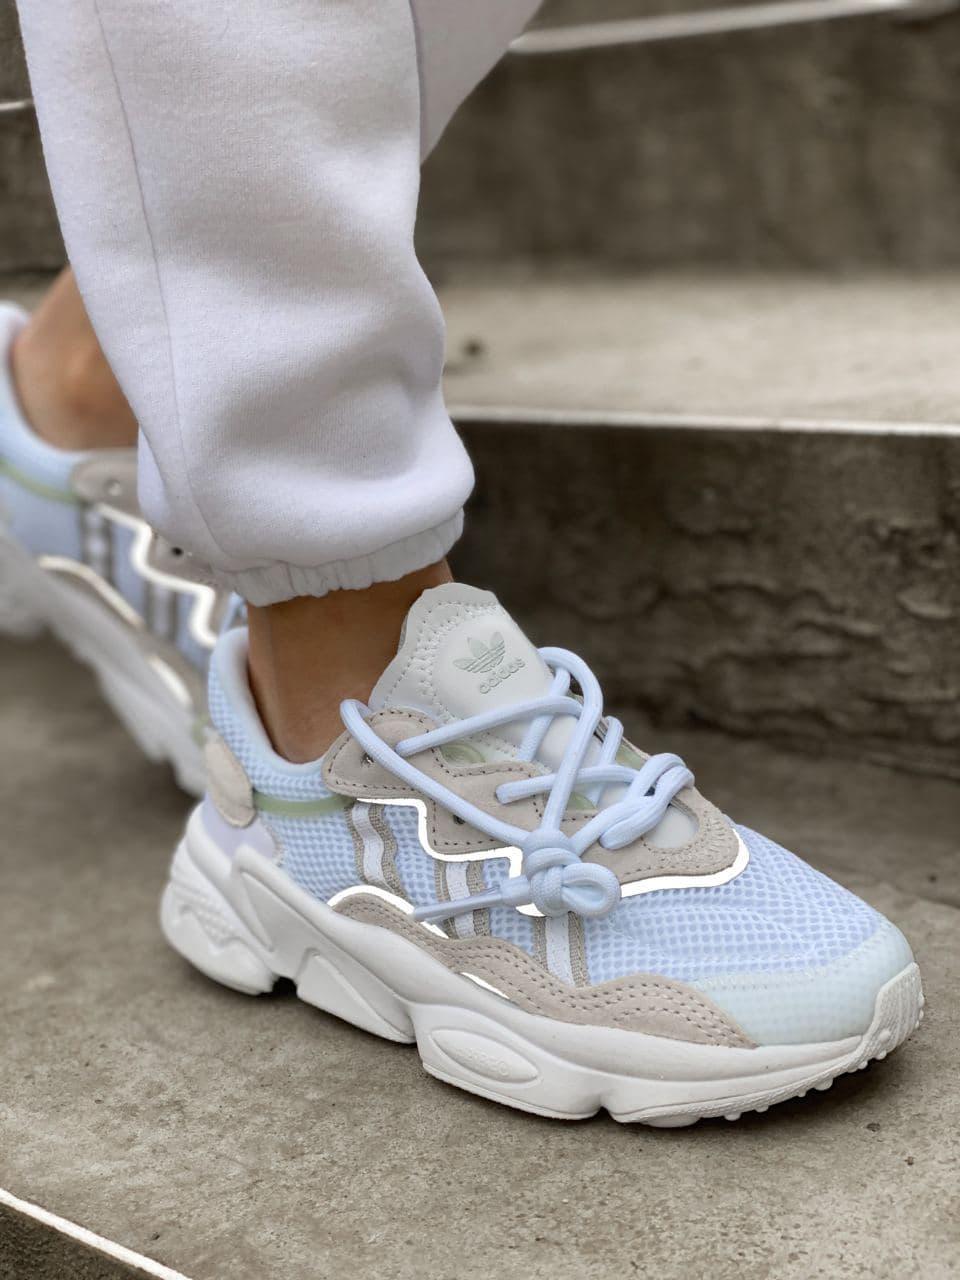 Кроссовки женские Adidas Ozweego белые. Женские кроссовки Адидас белого цвета со вставками.